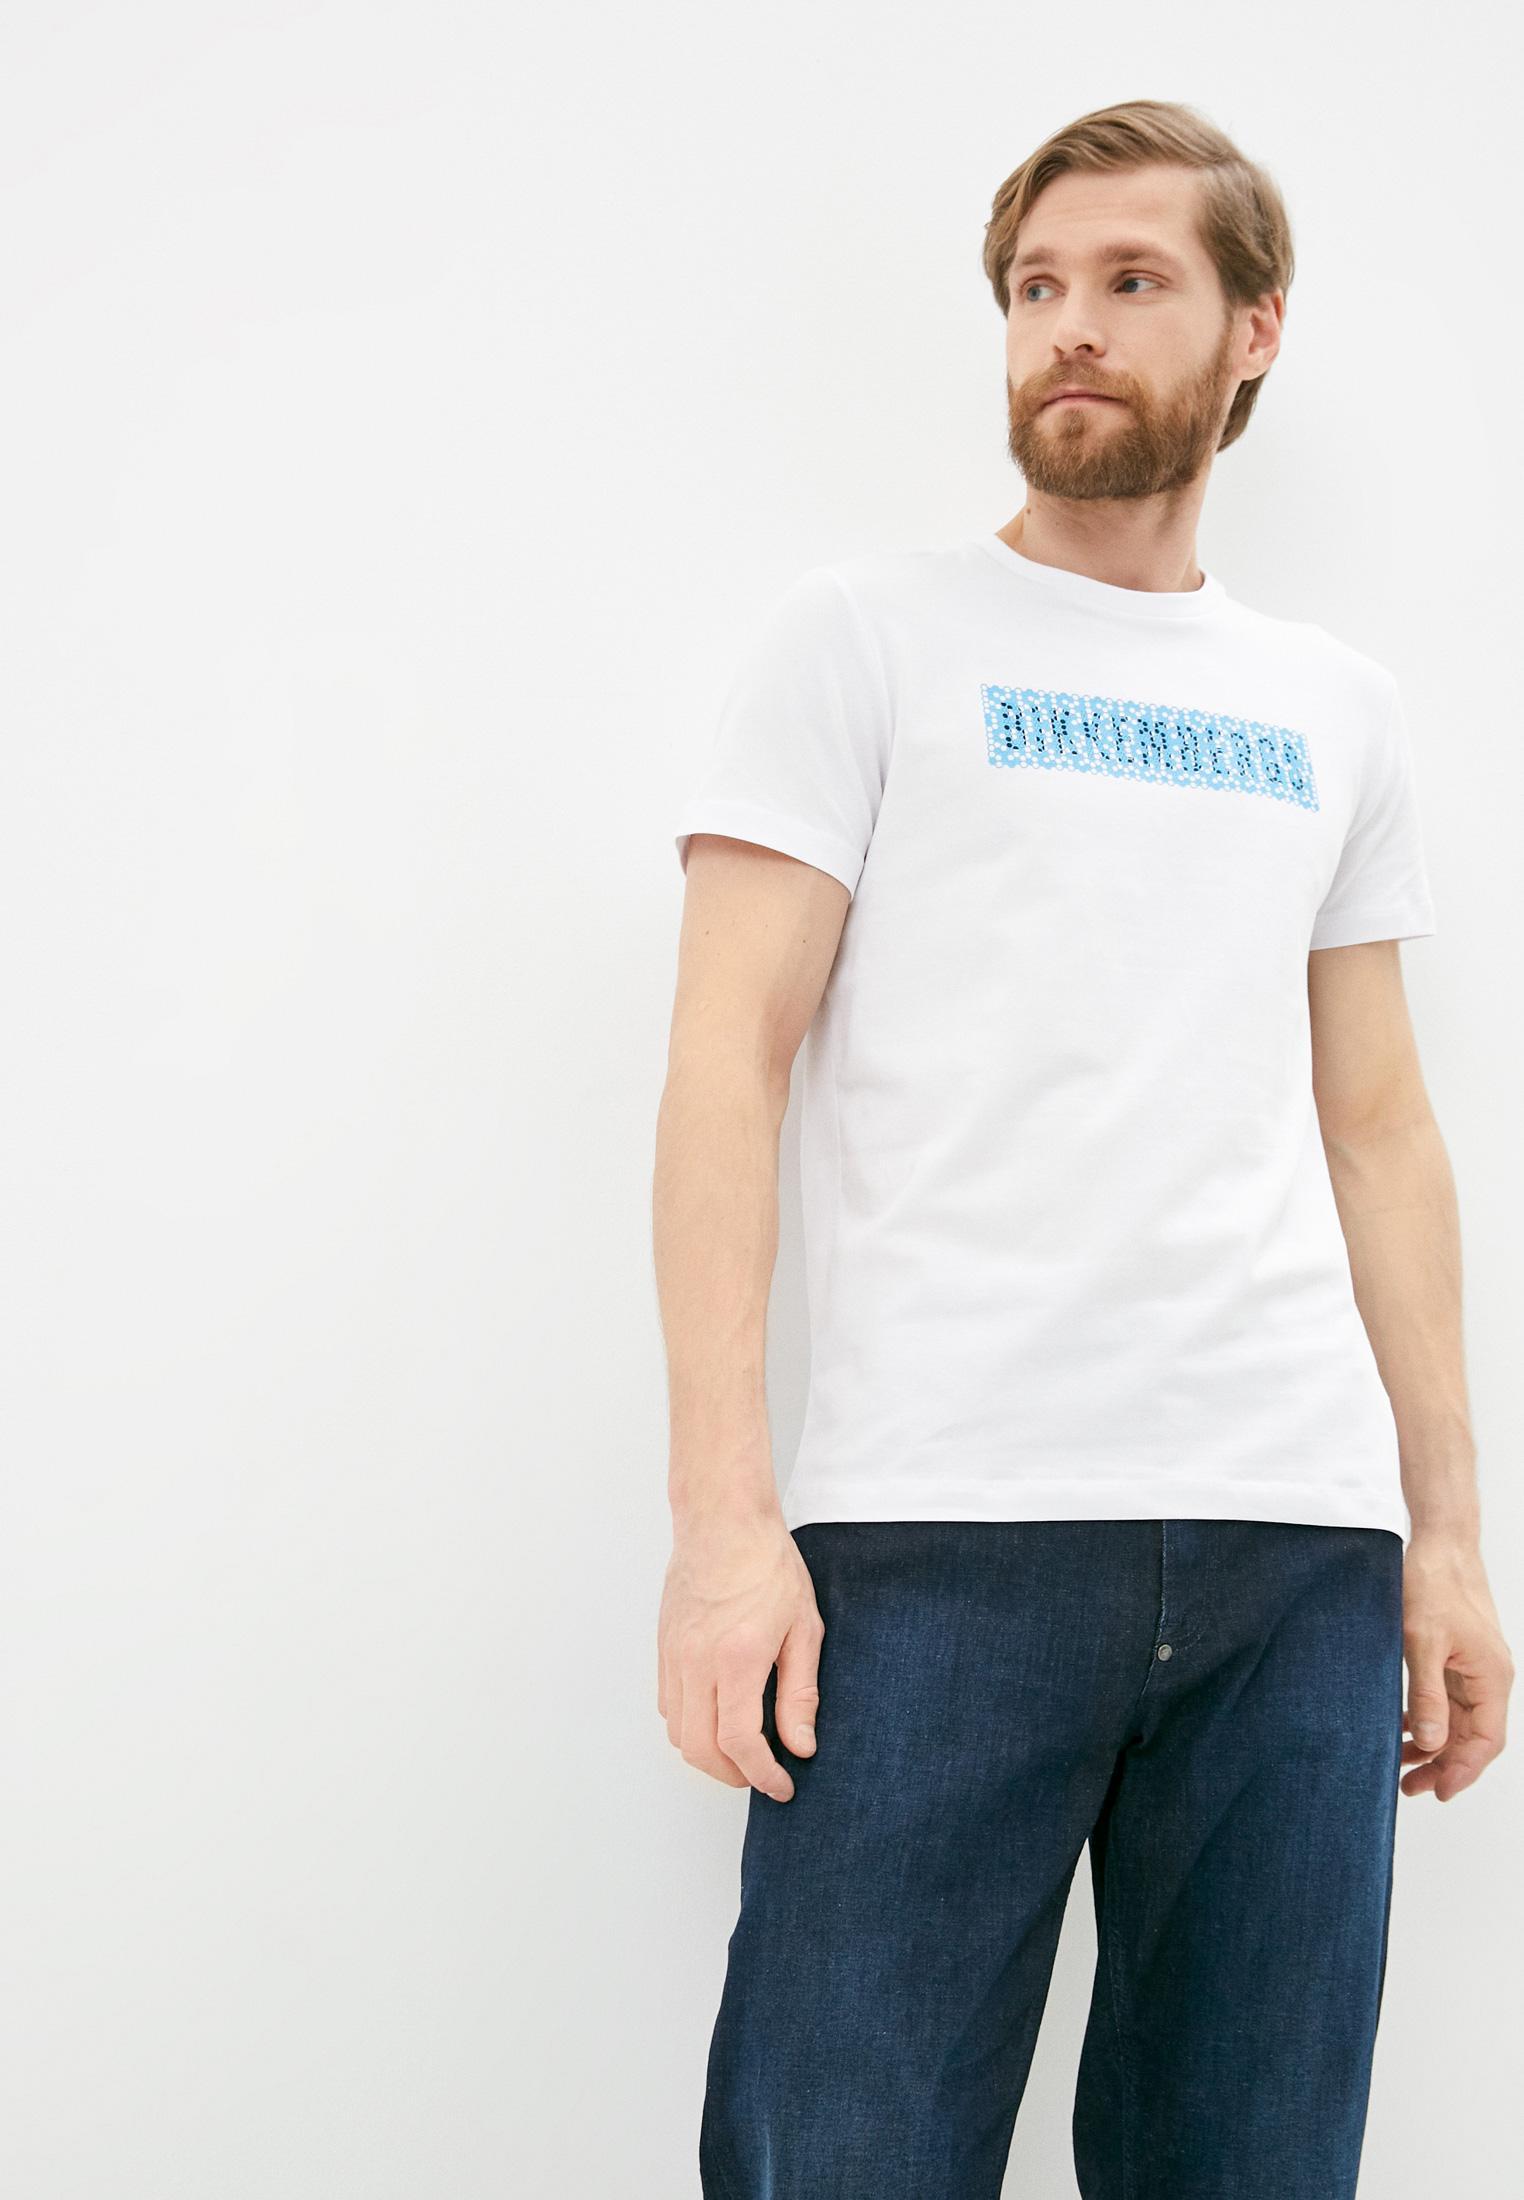 Мужская футболка Bikkembergs (Биккембергс) C 4 101 04 E 2231: изображение 1